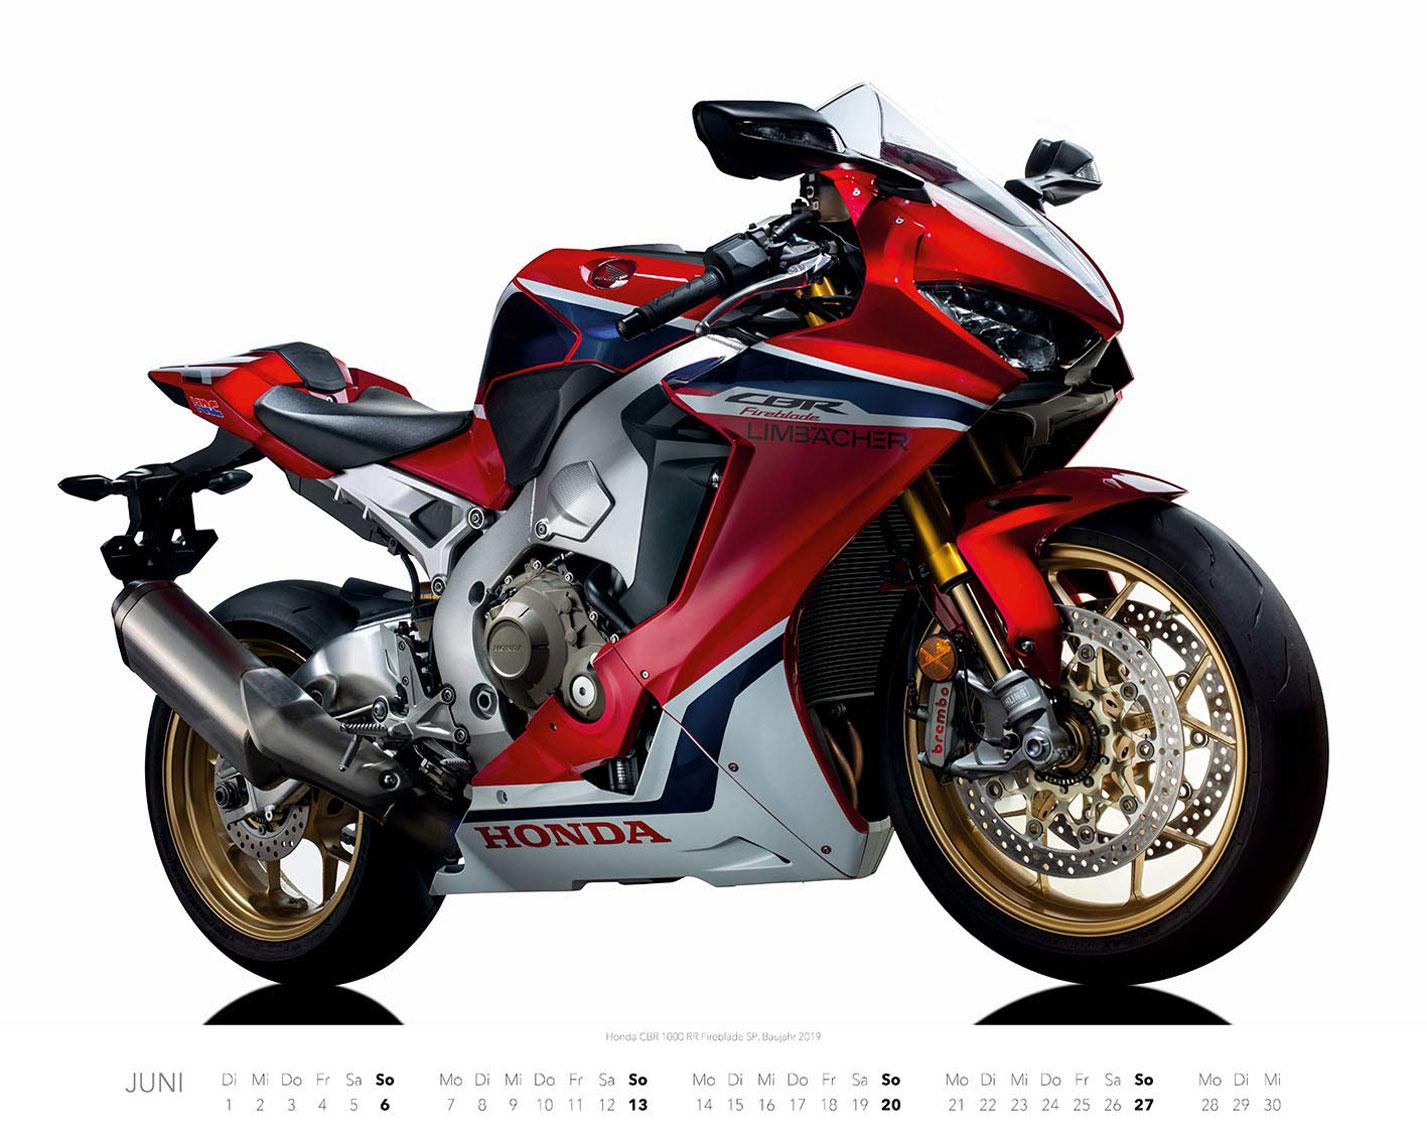 Календарь с крутыми мотоциклами на 2021 год / июнь